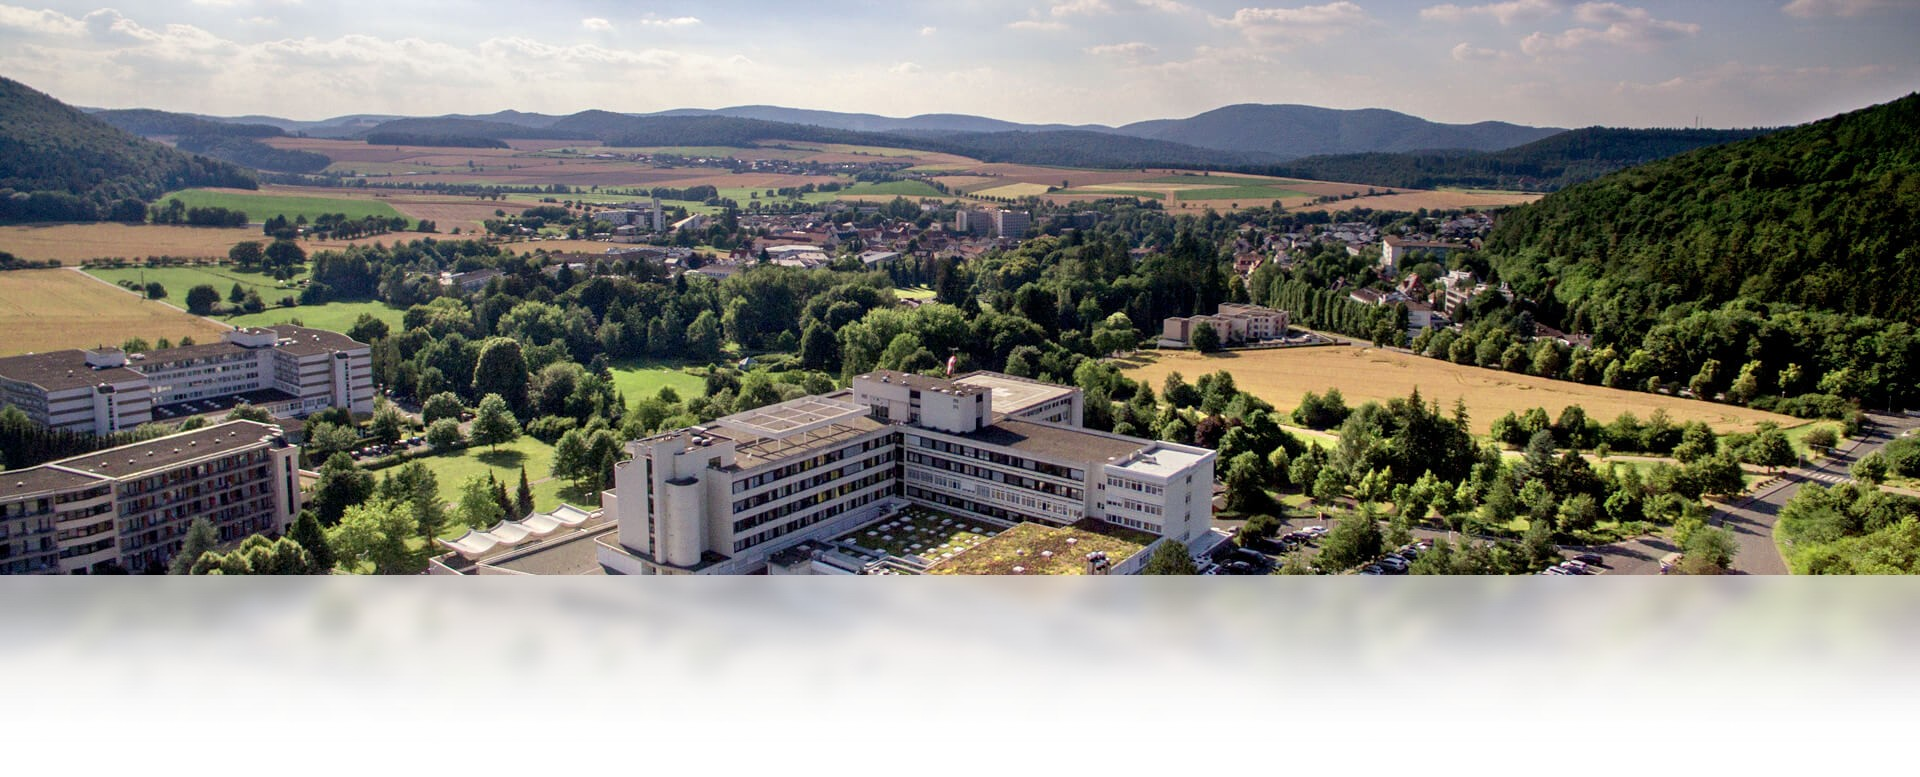 werner wicker klinik - günstige Ferienwohnungen 200m bis Nationalpark Kellerwald-Edersee